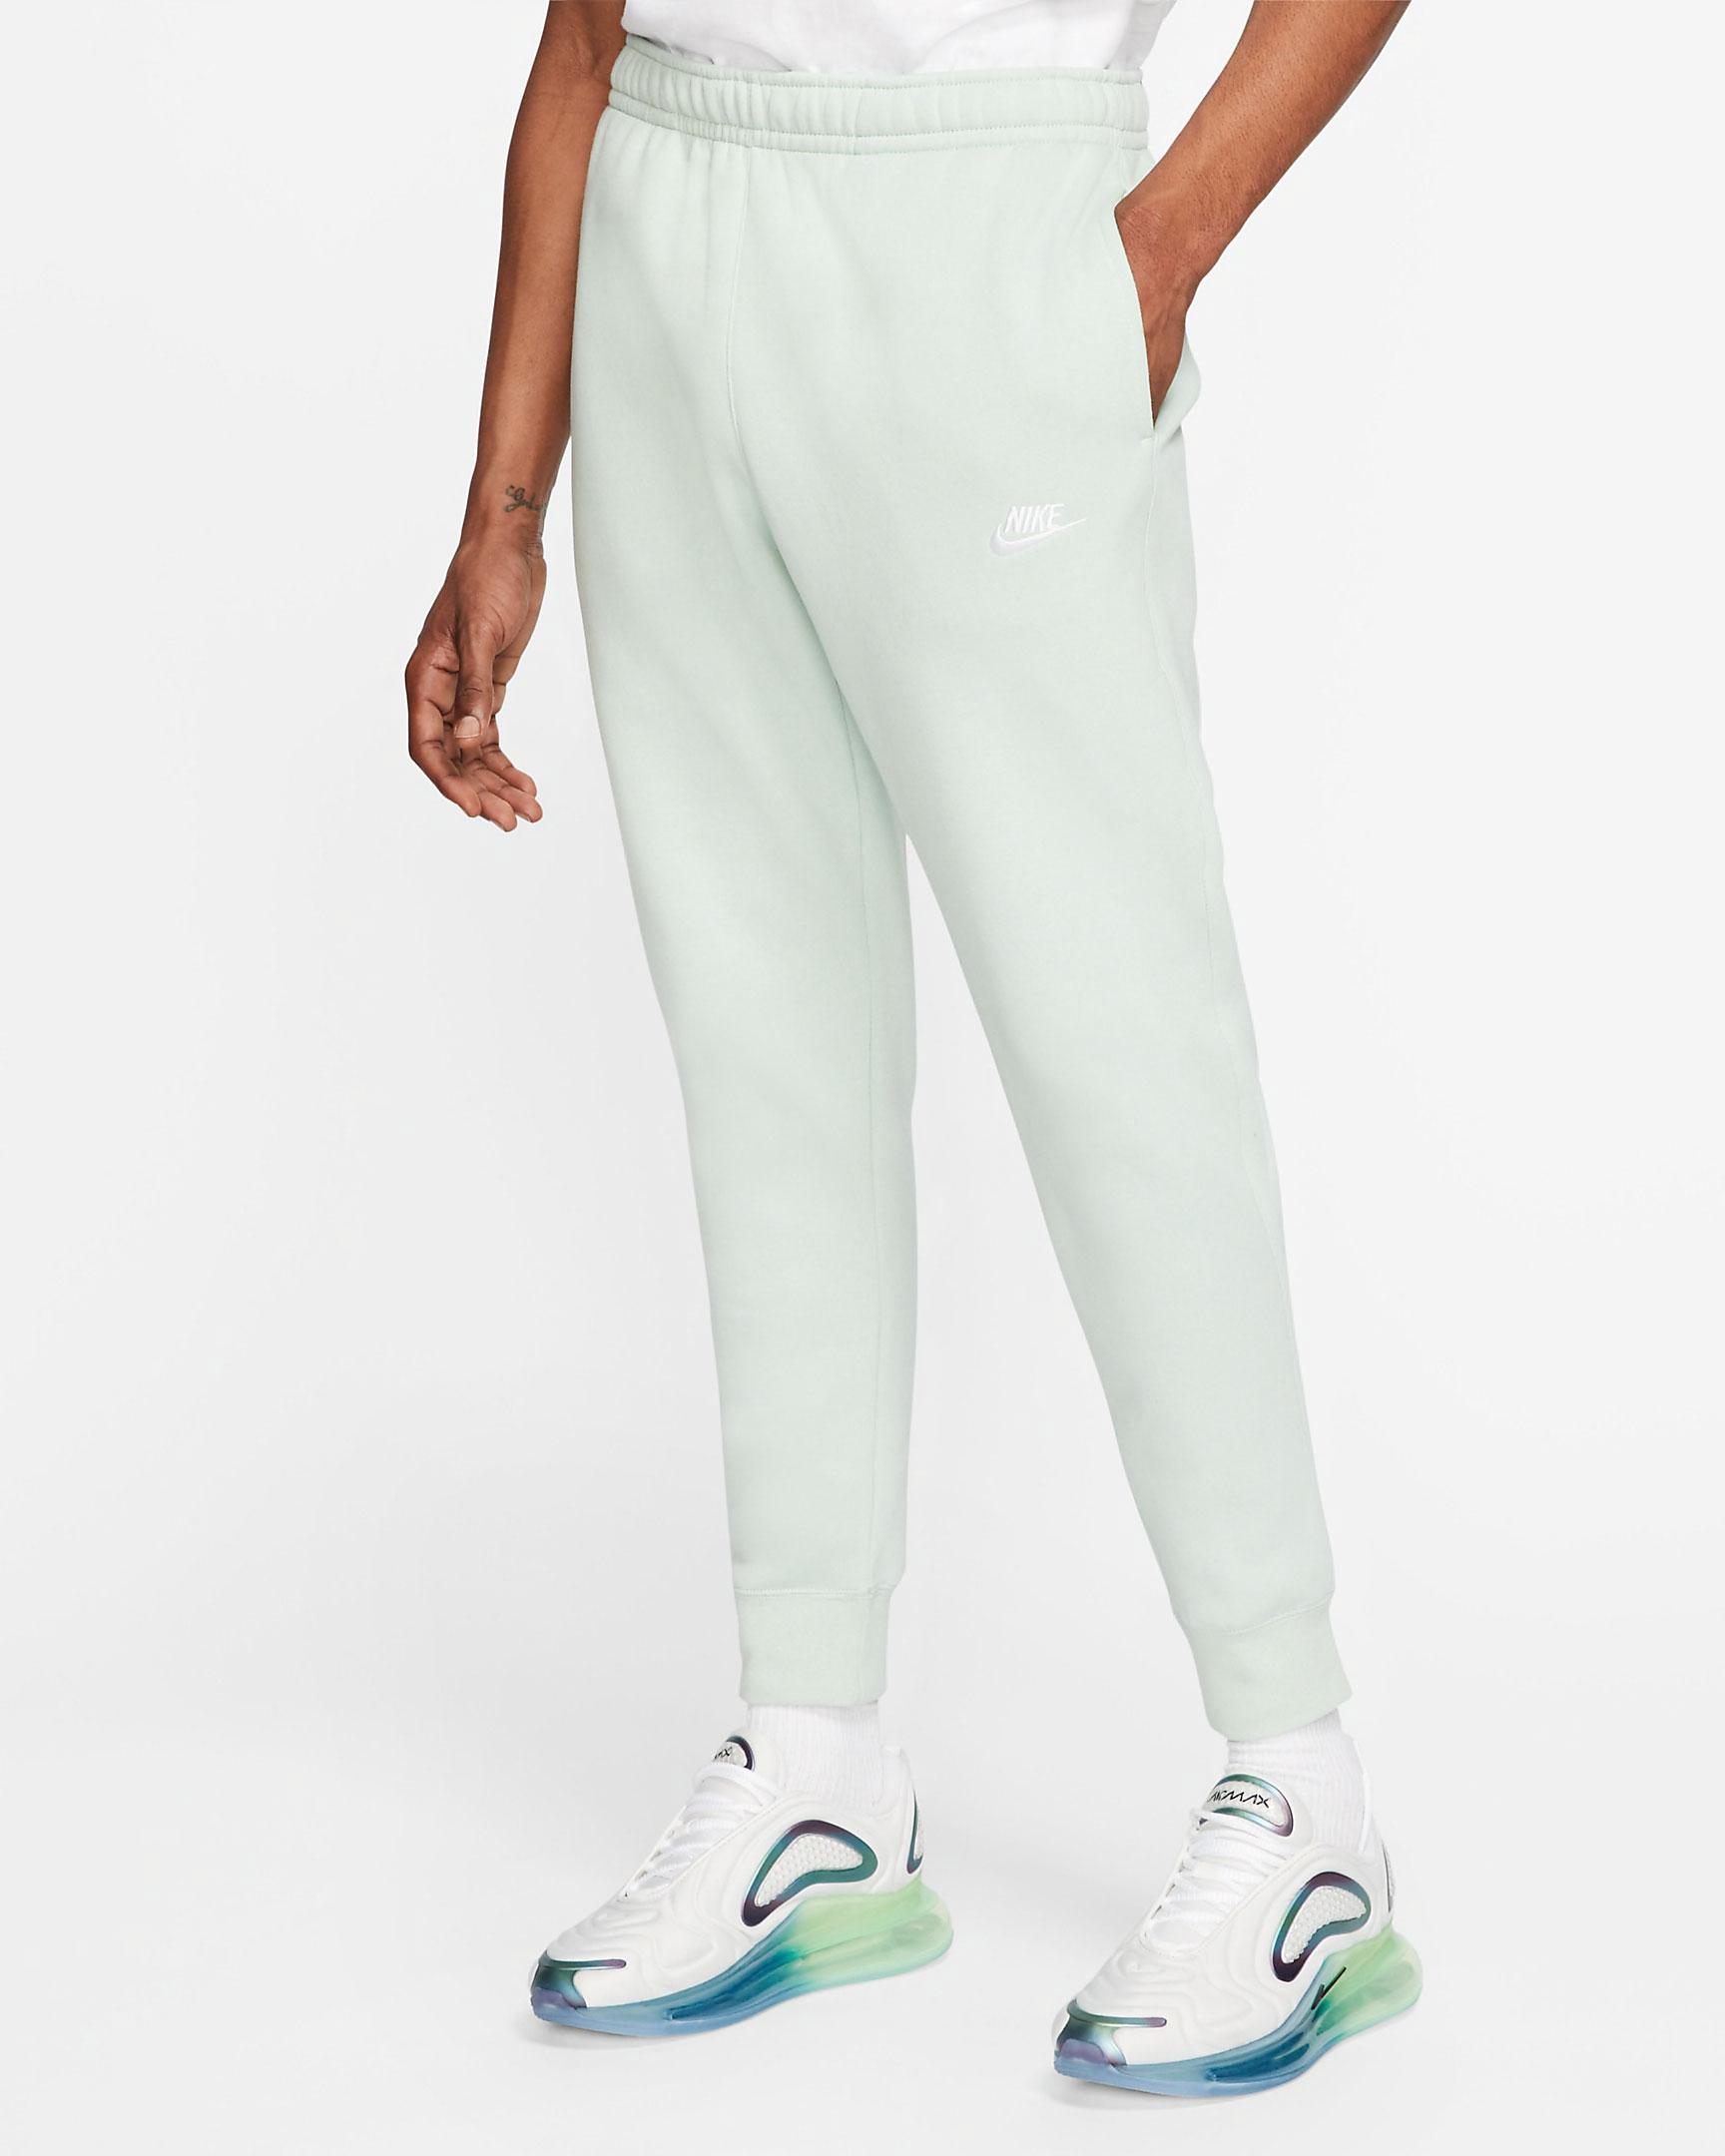 nike-sportswear-pistachio-frost-jogger-pants